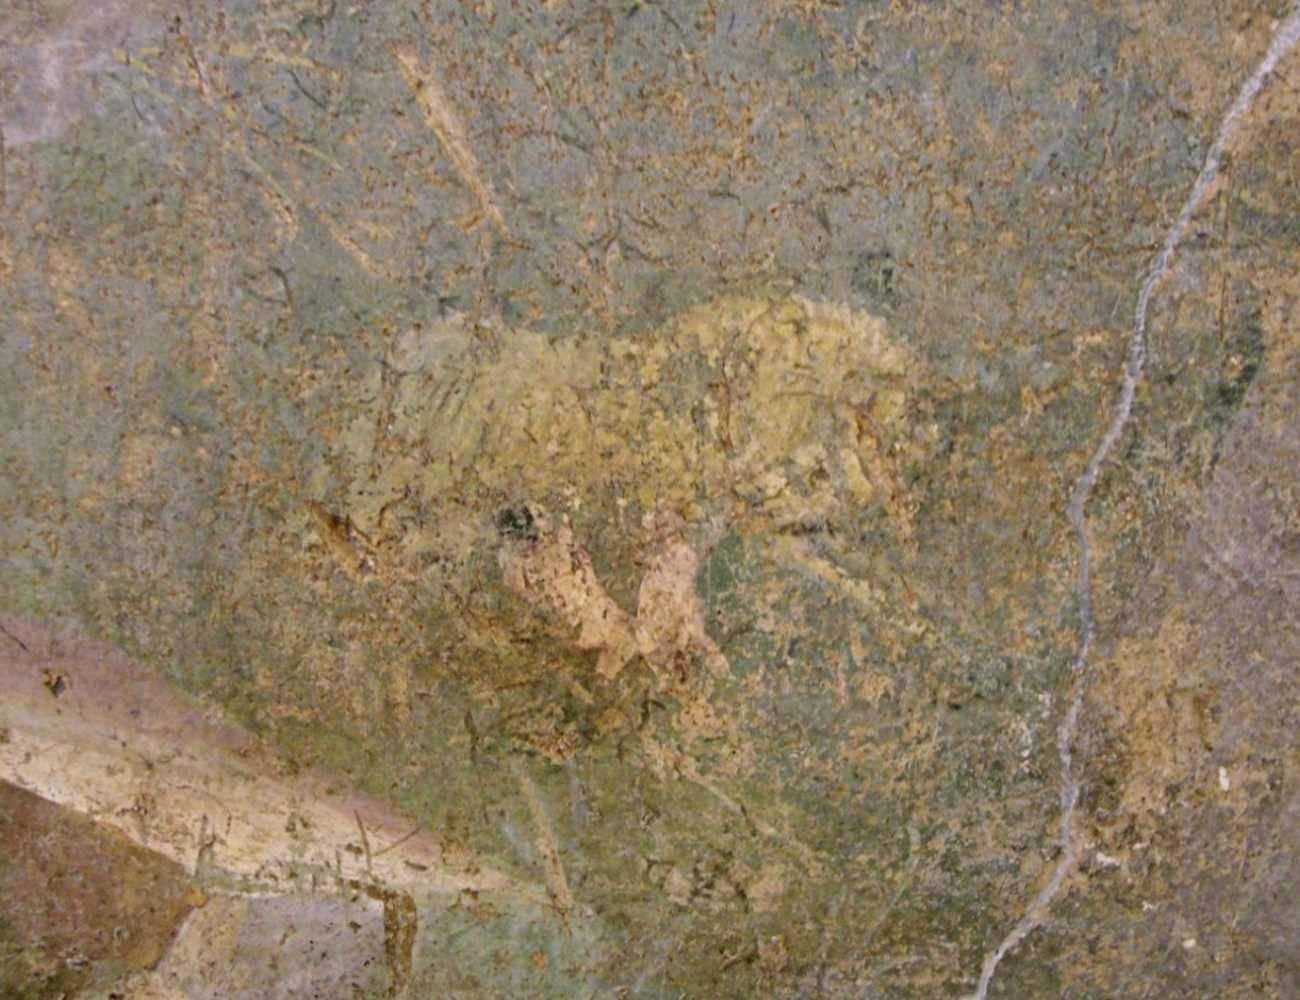 ensaio viagem napoles pompeia arqueologia vesuvio mitologia afrescos